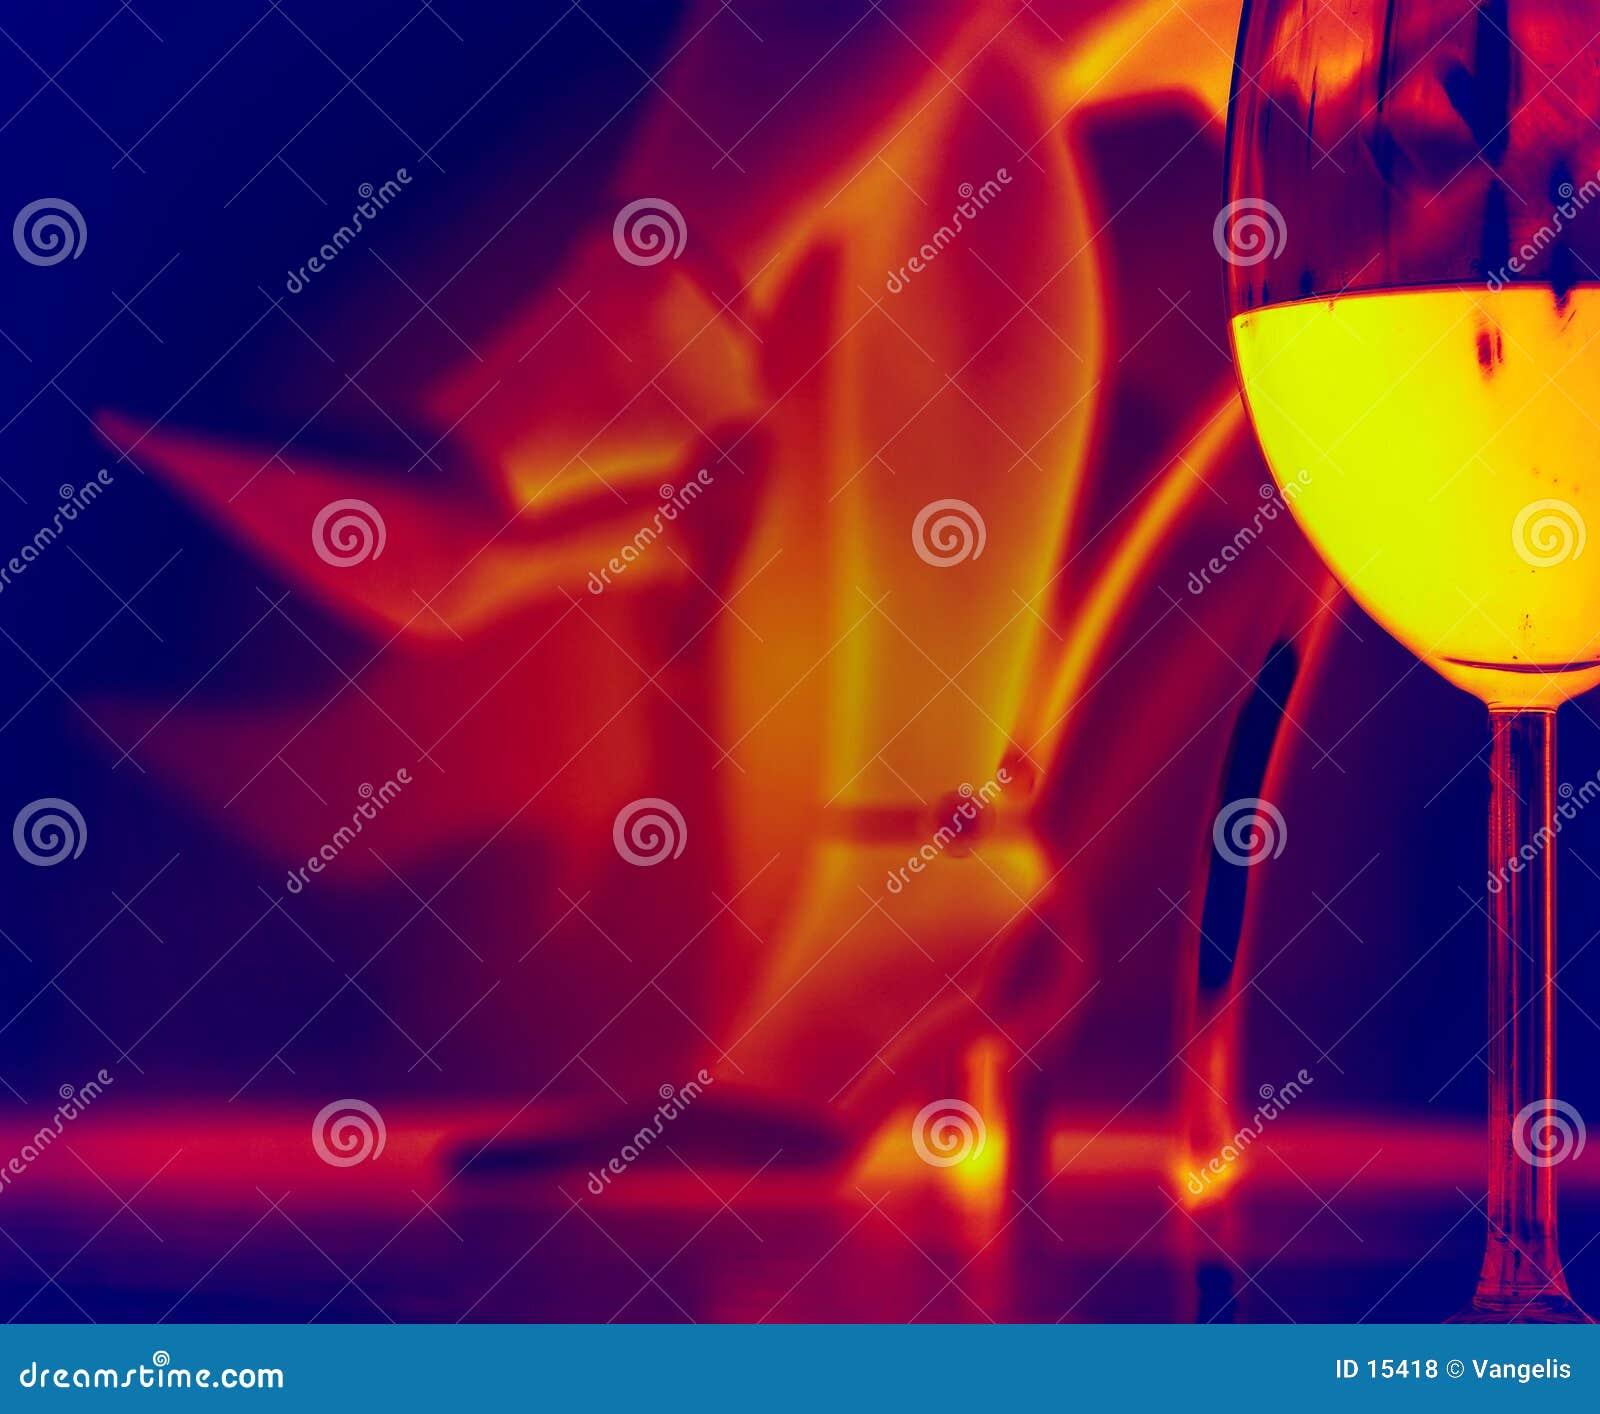 夜间玻璃红外浪漫酒